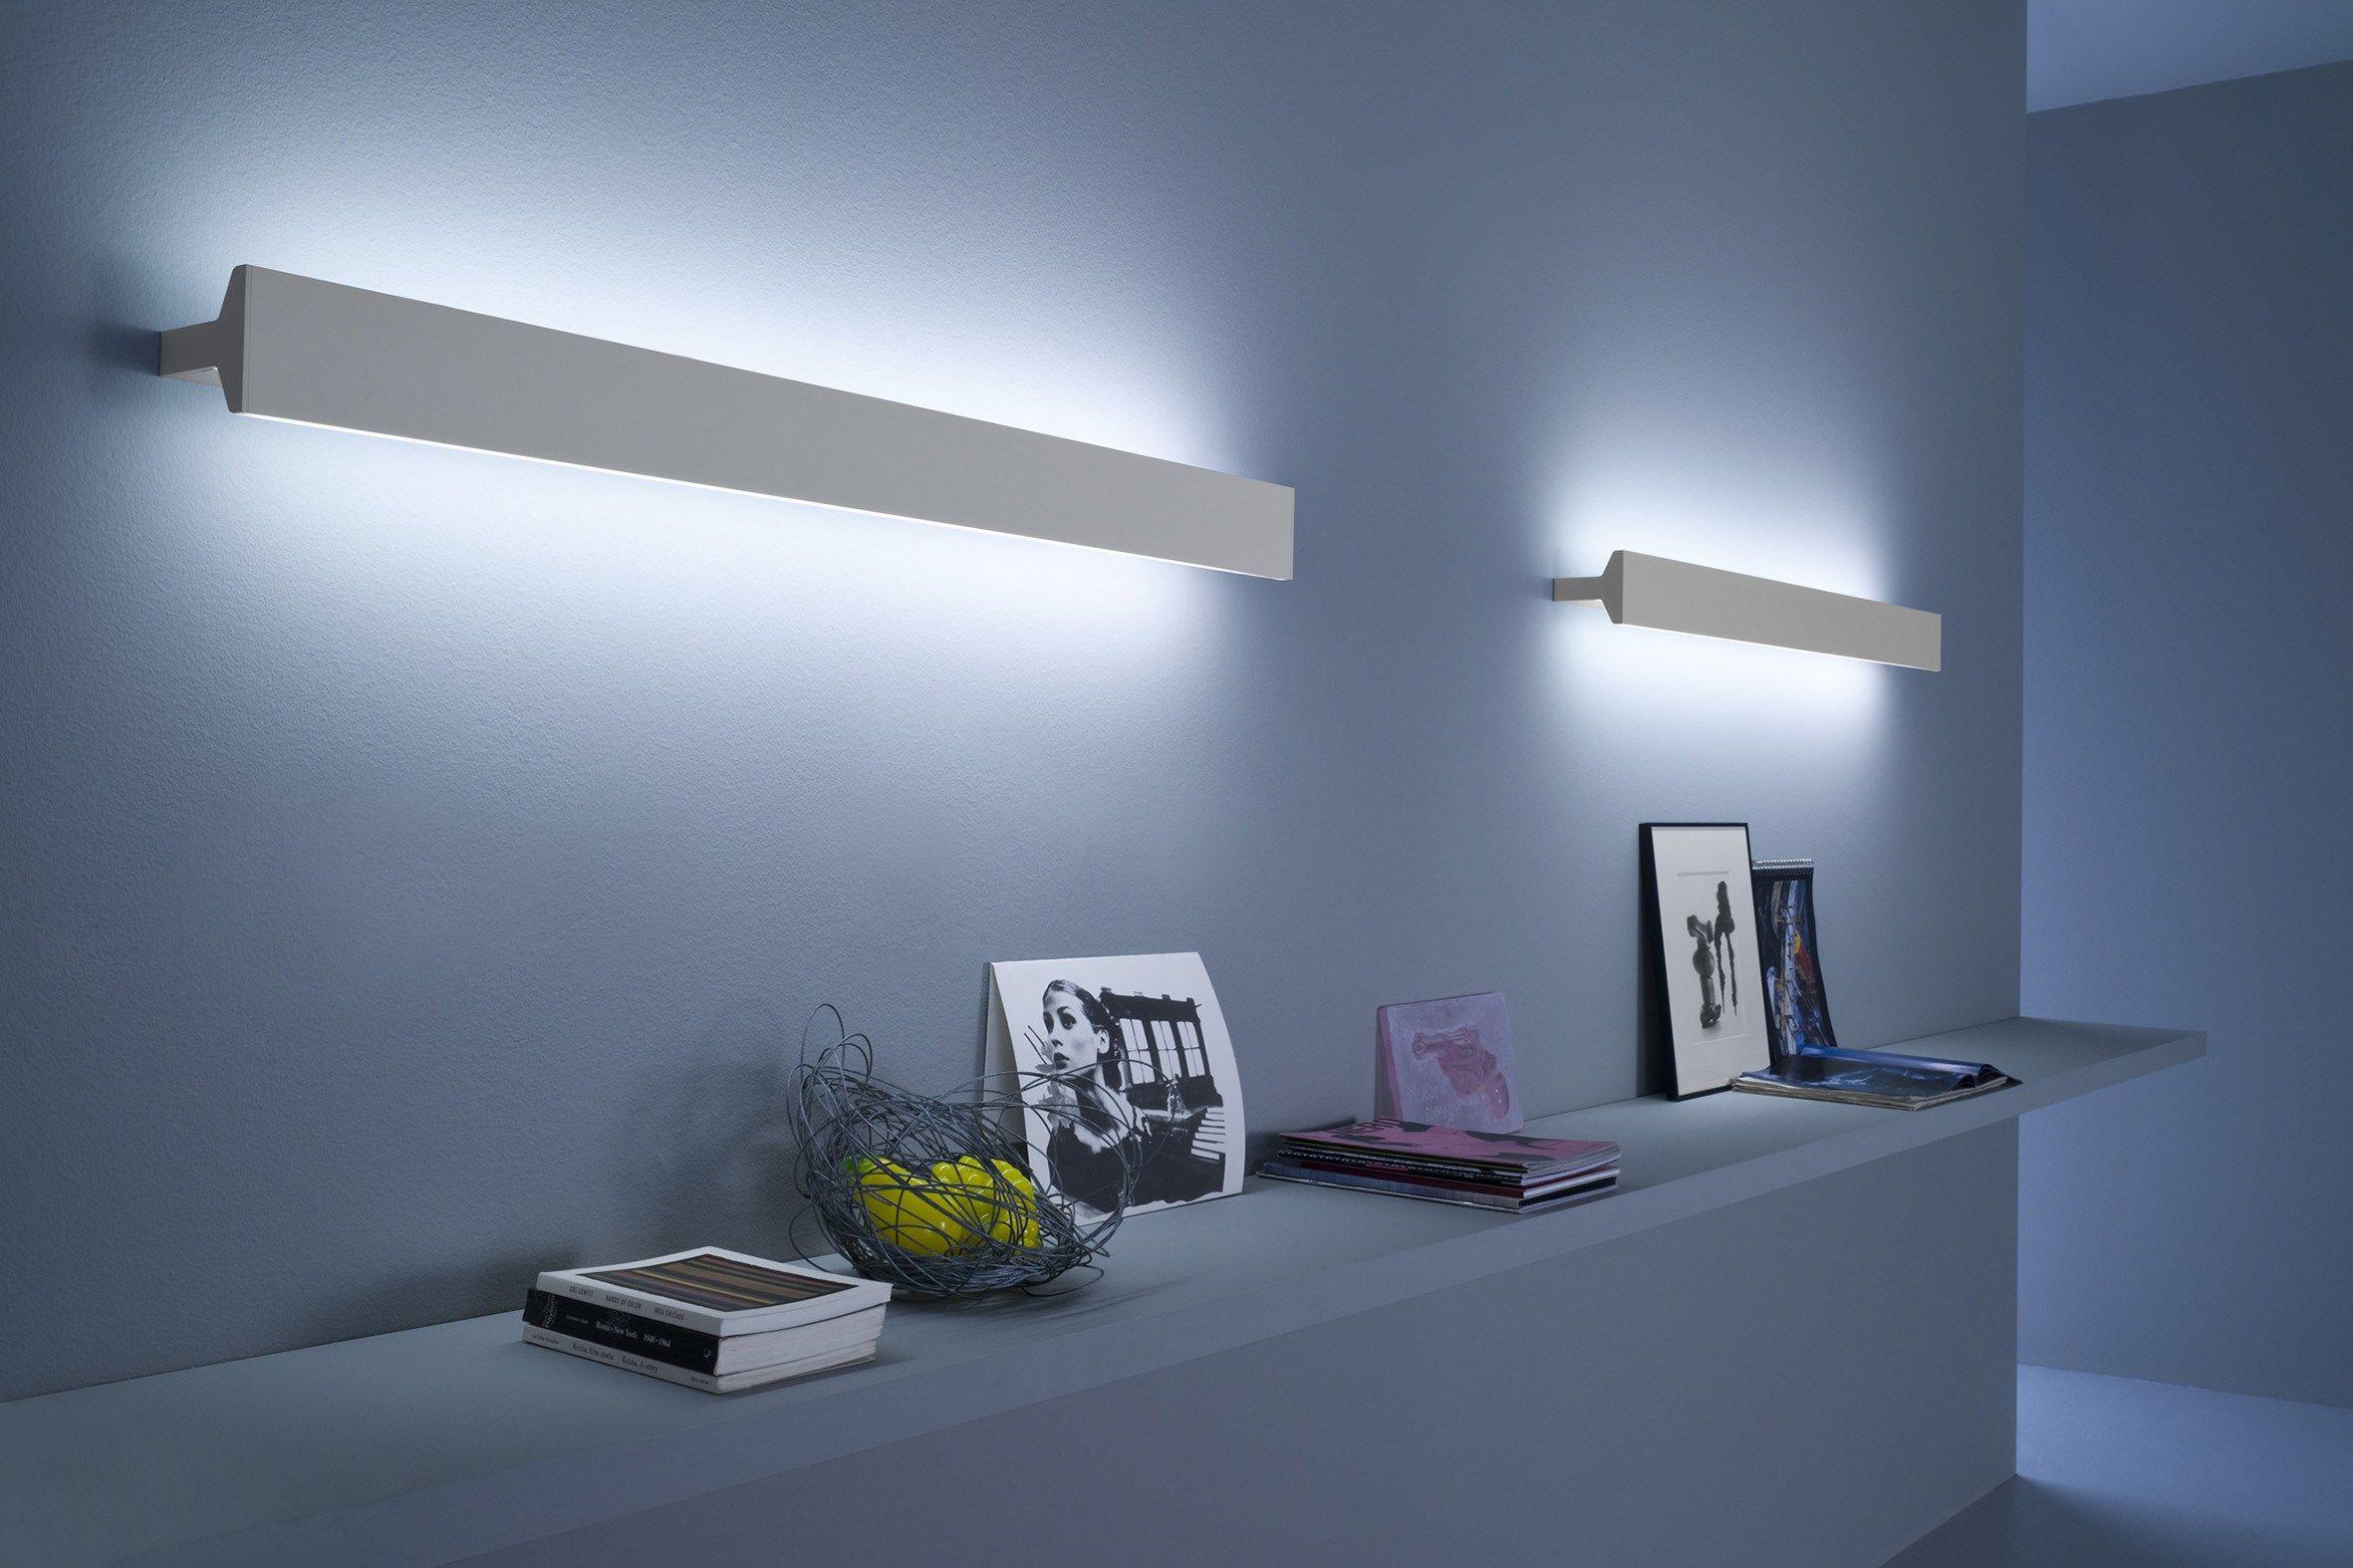 Lumin ria de parede fluorescente de alum nio ipe w3 by - Luminaria fluorescente estanca ...